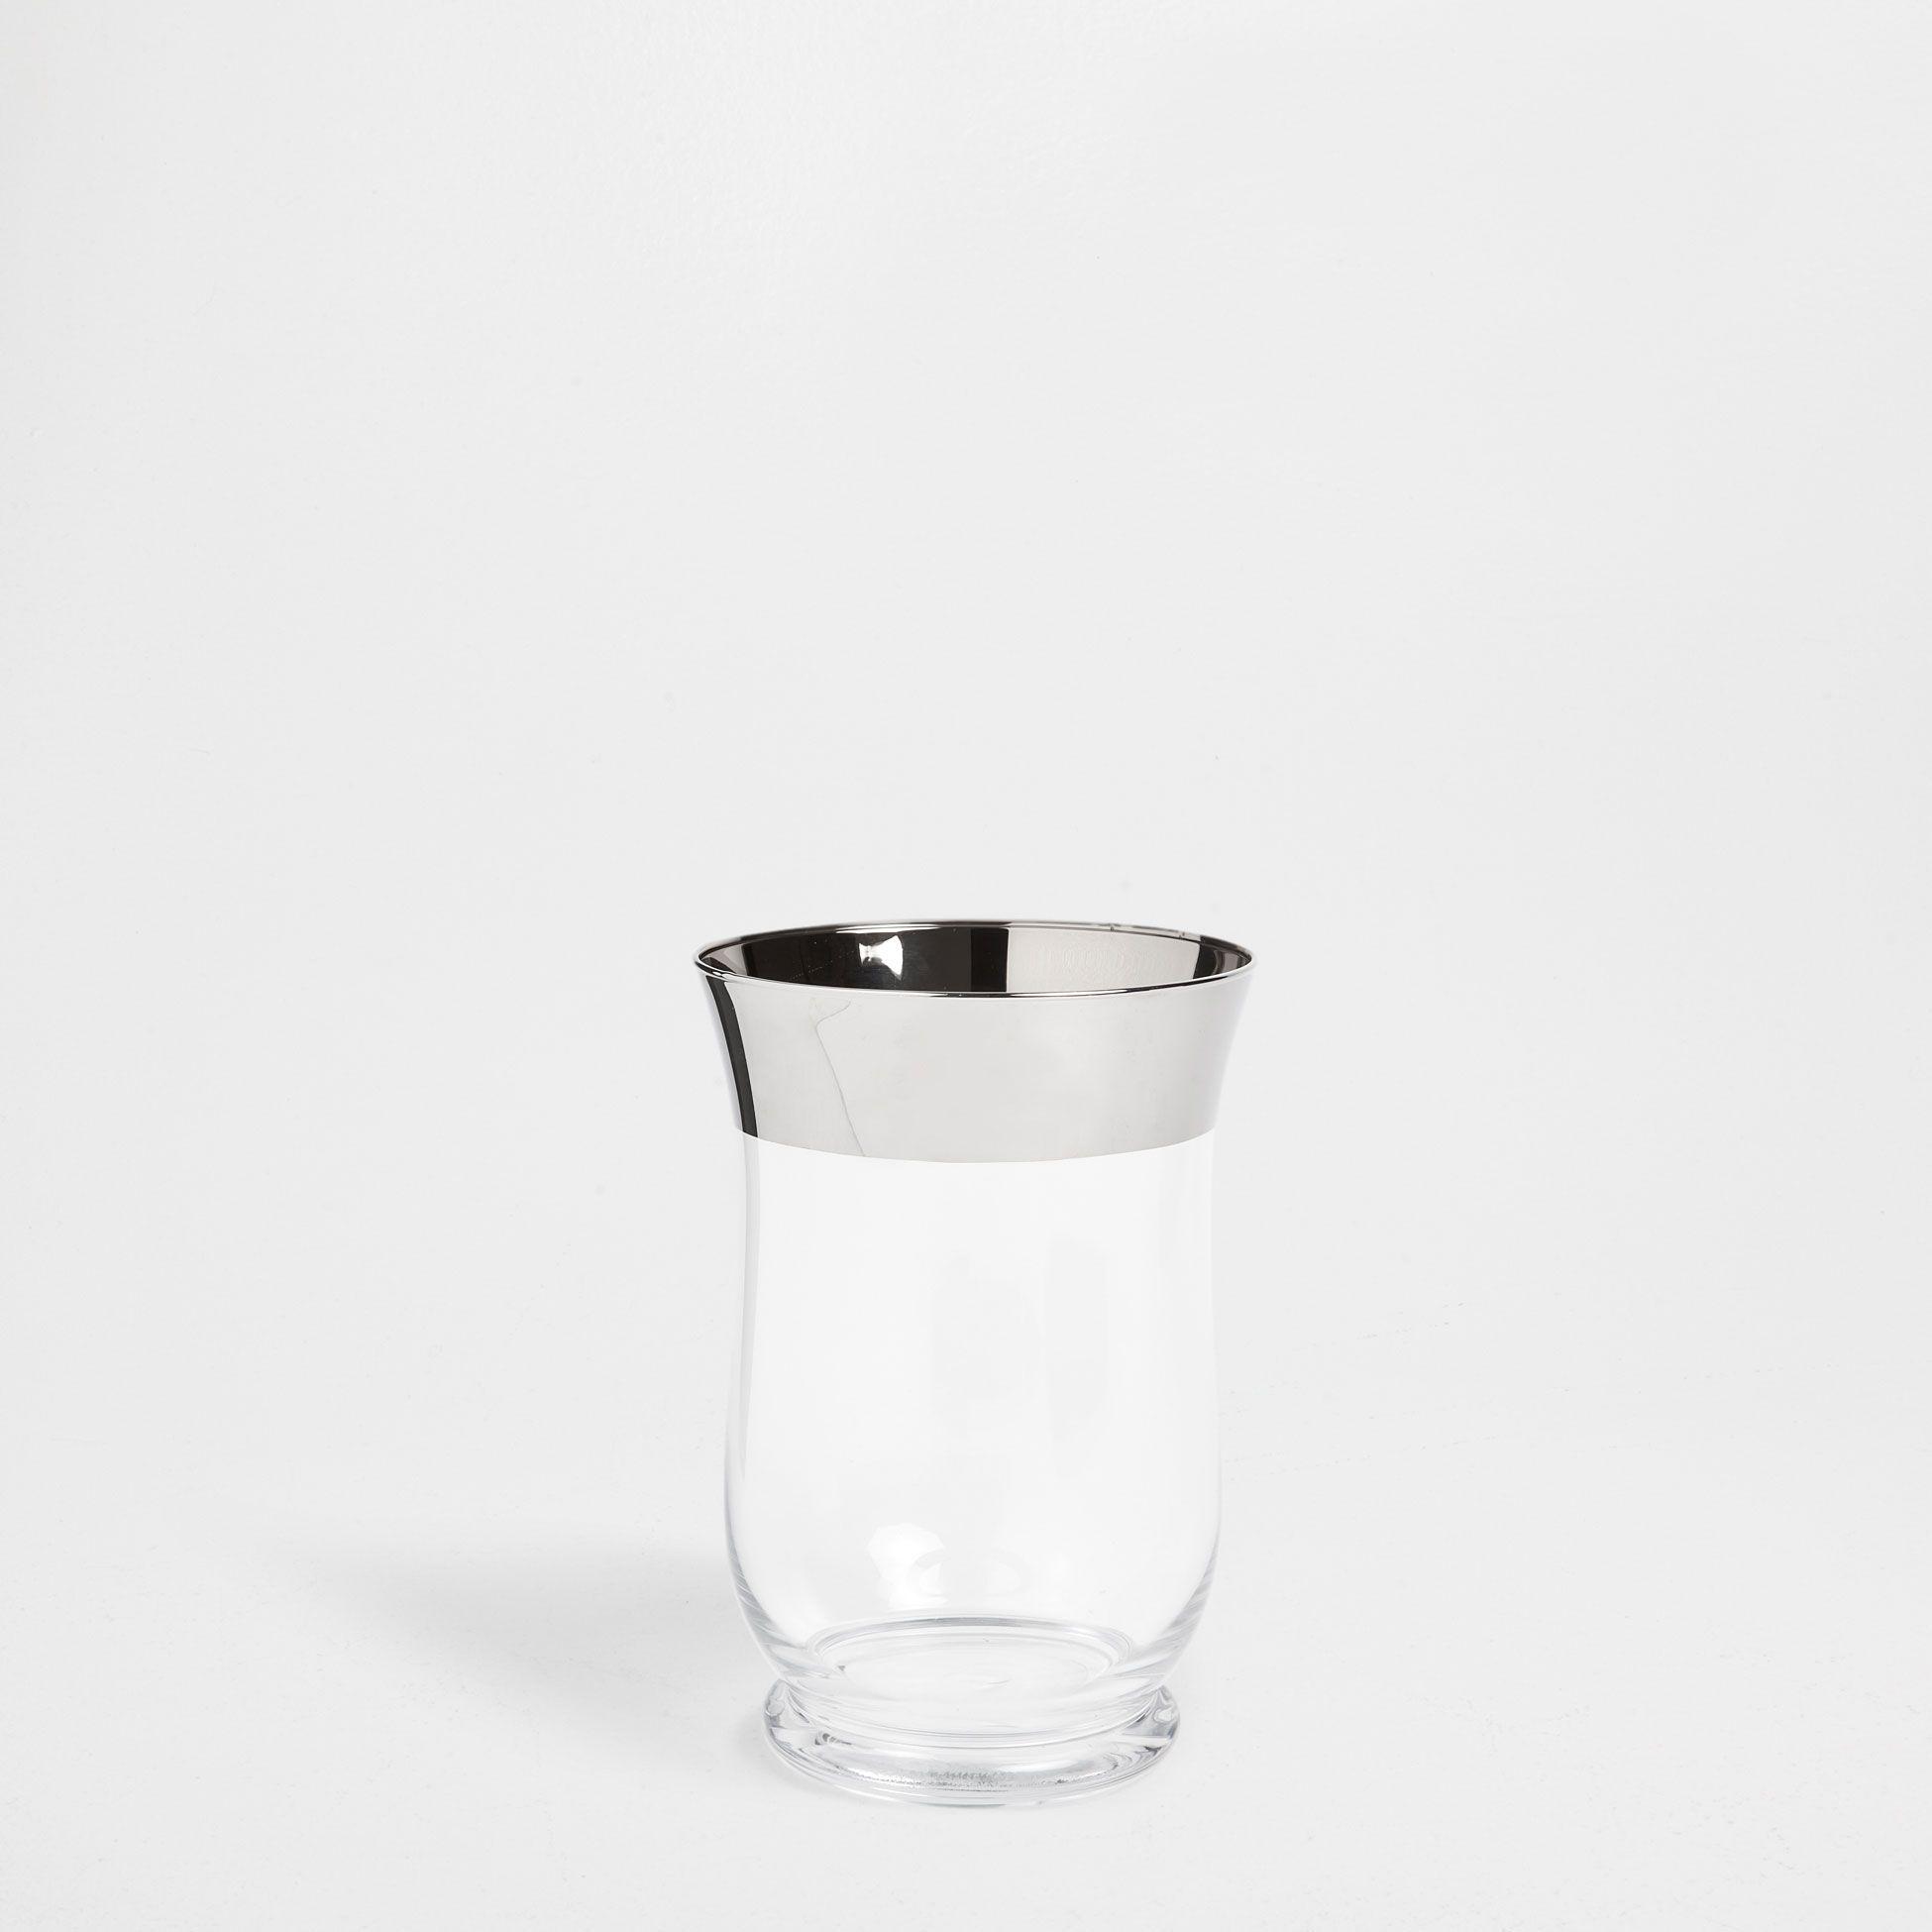 Jarrón vidrio transparente filo plateado - Jarrones - Decoración ...